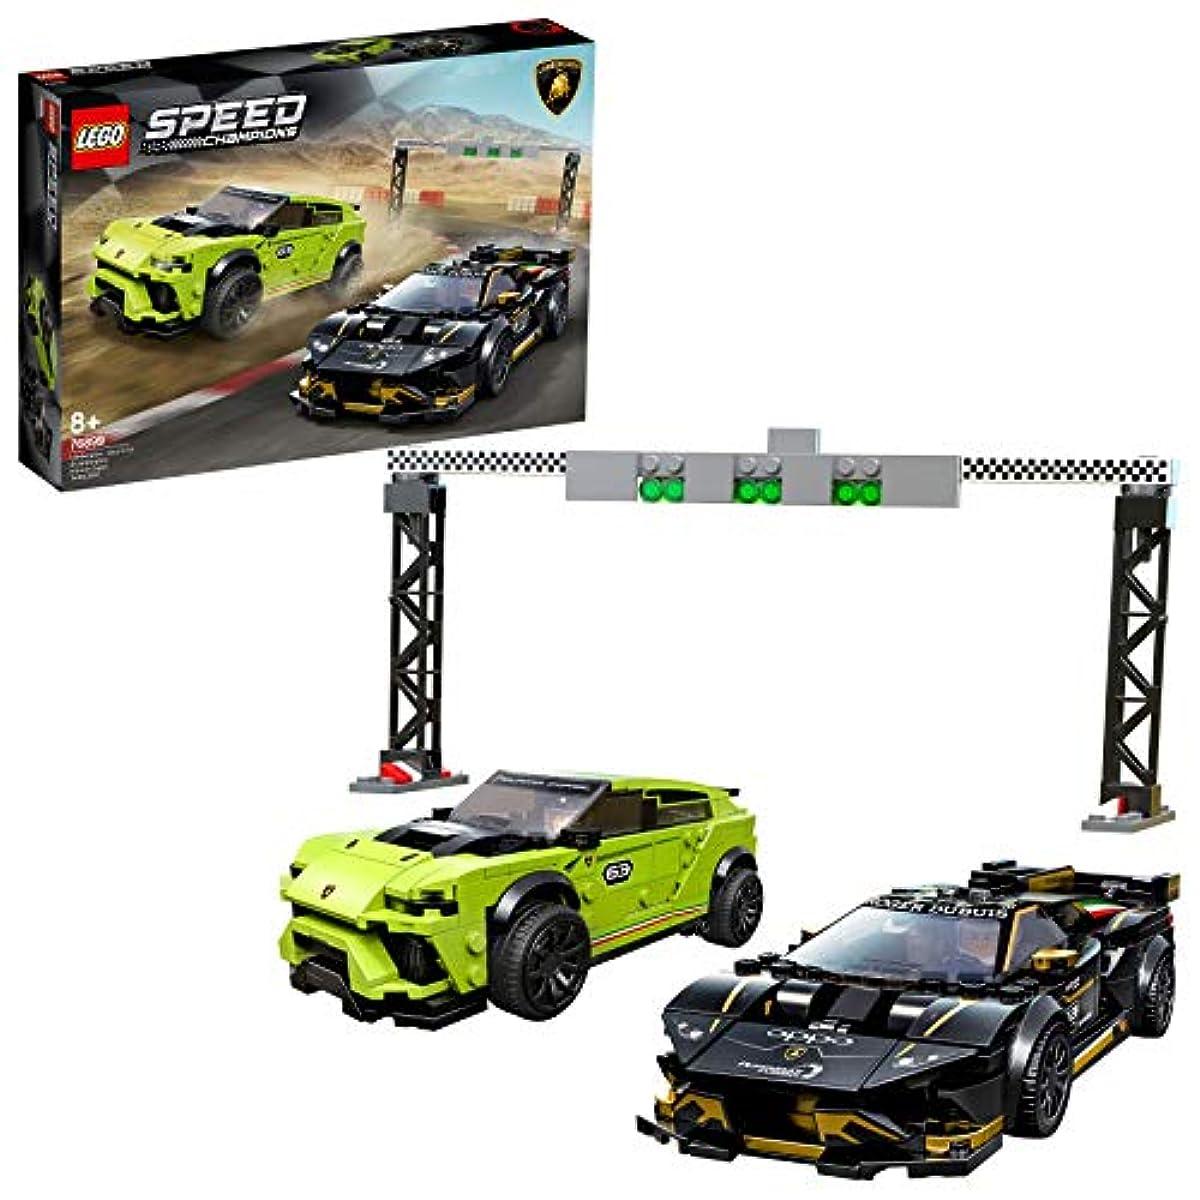 [해외] 레고(LEGO) 스피드 챔피언 람볼기니 우루스ST-X & 우라 캔슈퍼 다랑어 회오 EVO 76899